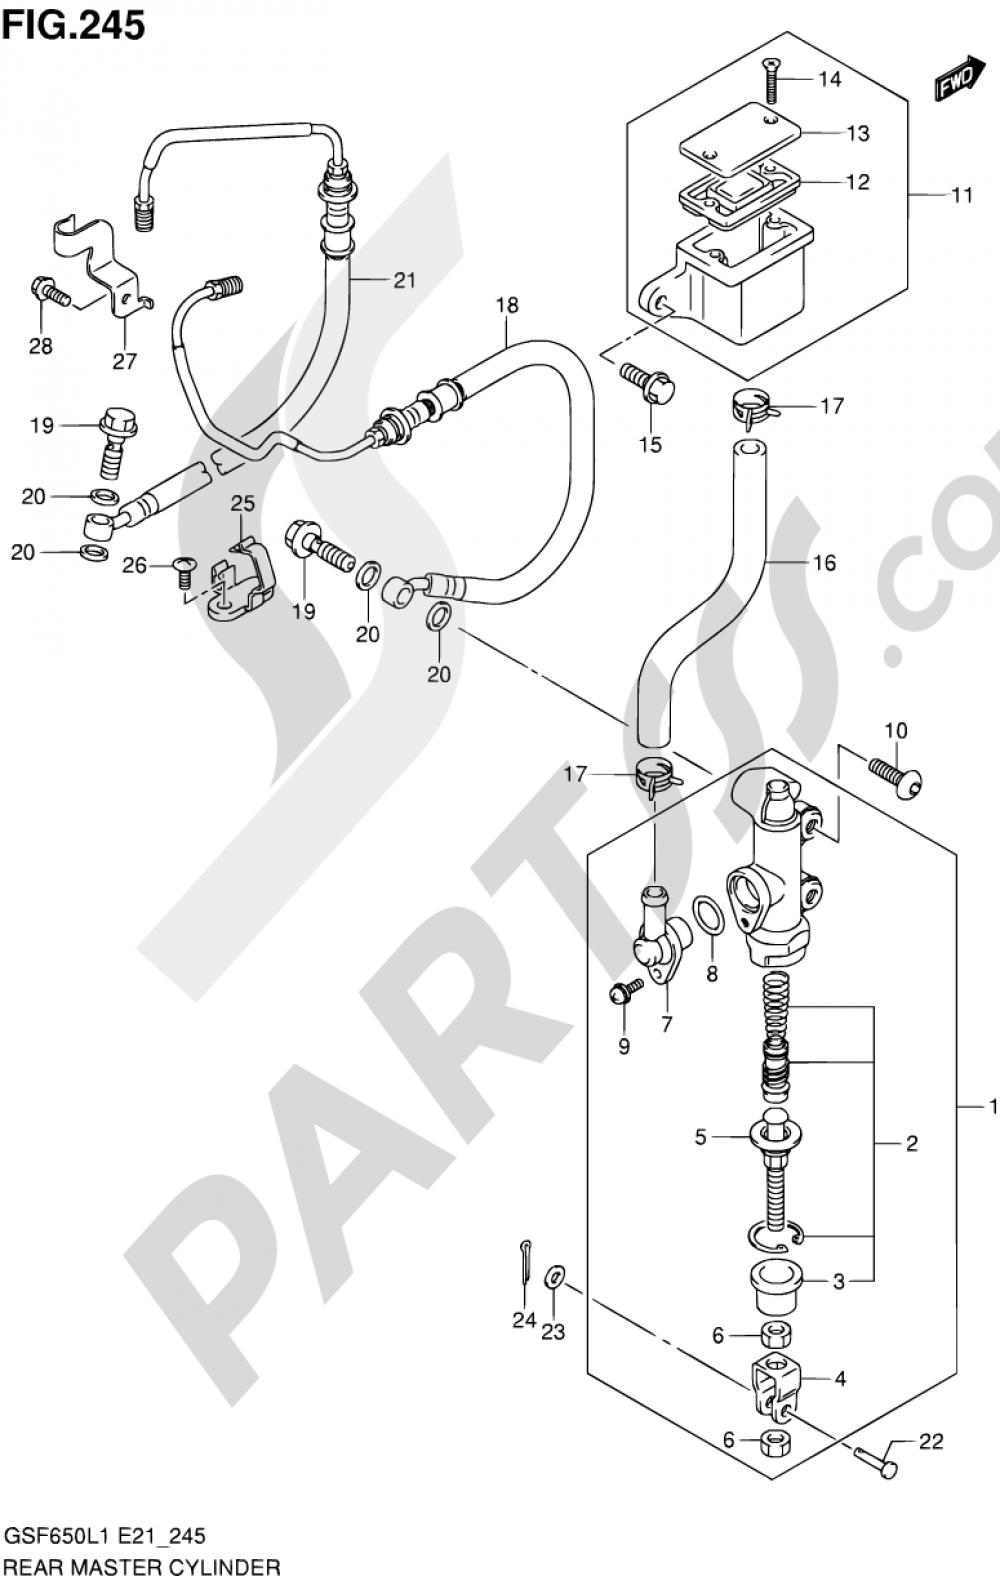 245 - REAR MASTER CYLINDER (GSF650SAL1 E21) Suzuki BANDIT GSF650SA 2011